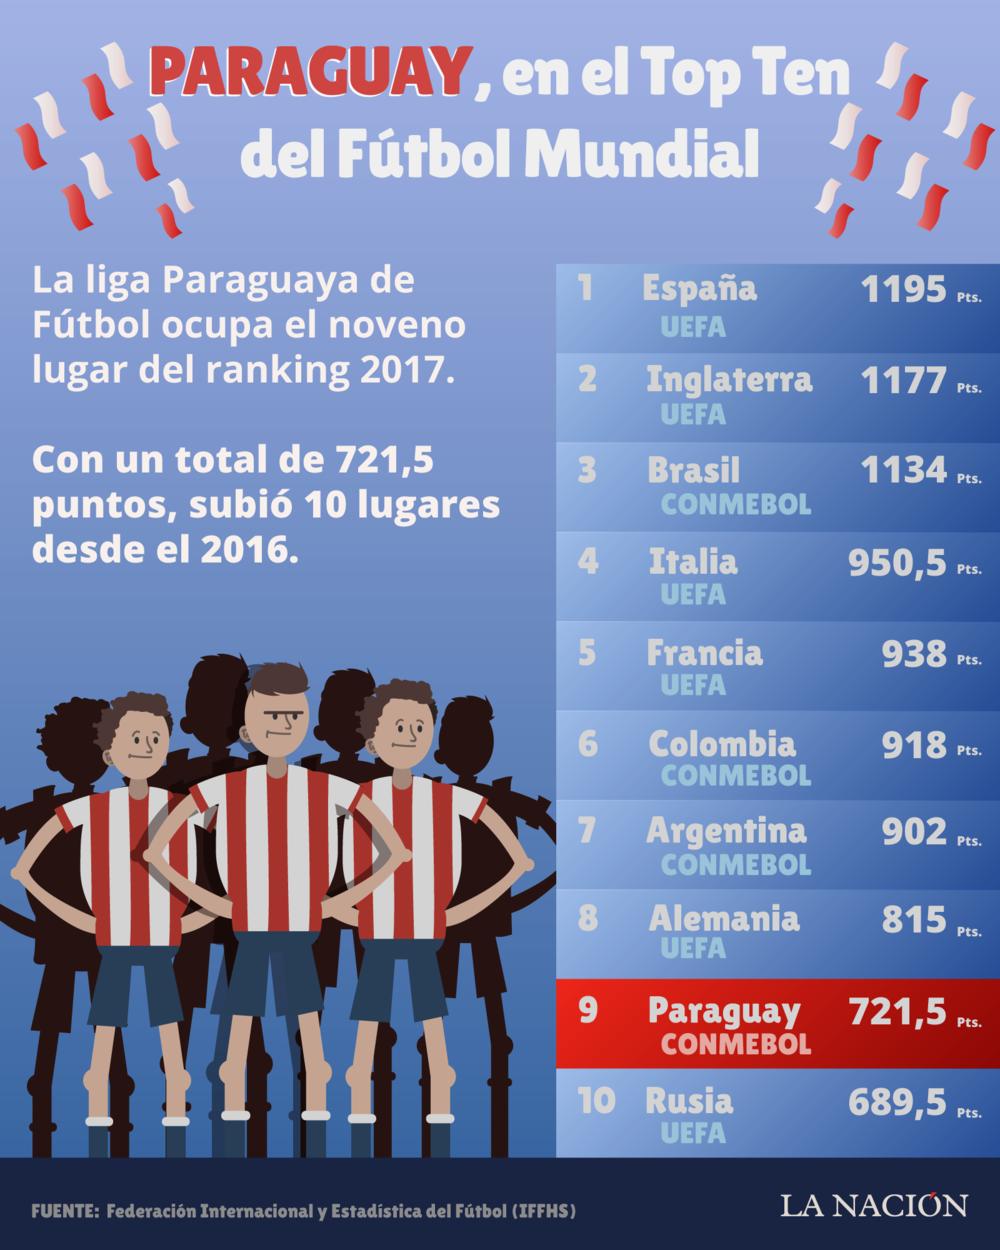 0-infografia-albirroja.png